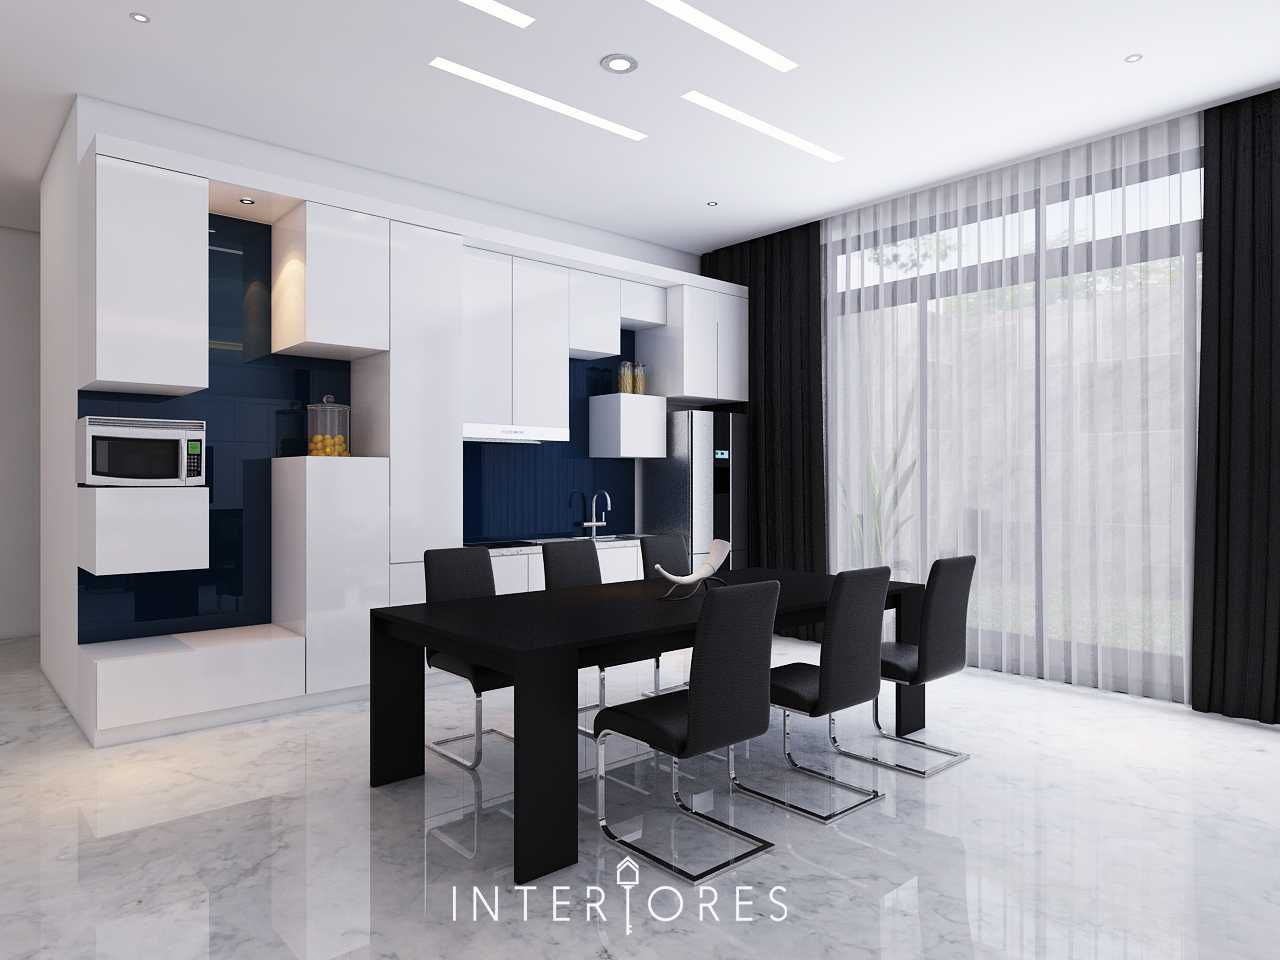 Interiores Interior Consultant & Build Sutera Onyx Alam Sutera Alam Sutera Dapur-Bersih-Ruang-Makan Modern  17709